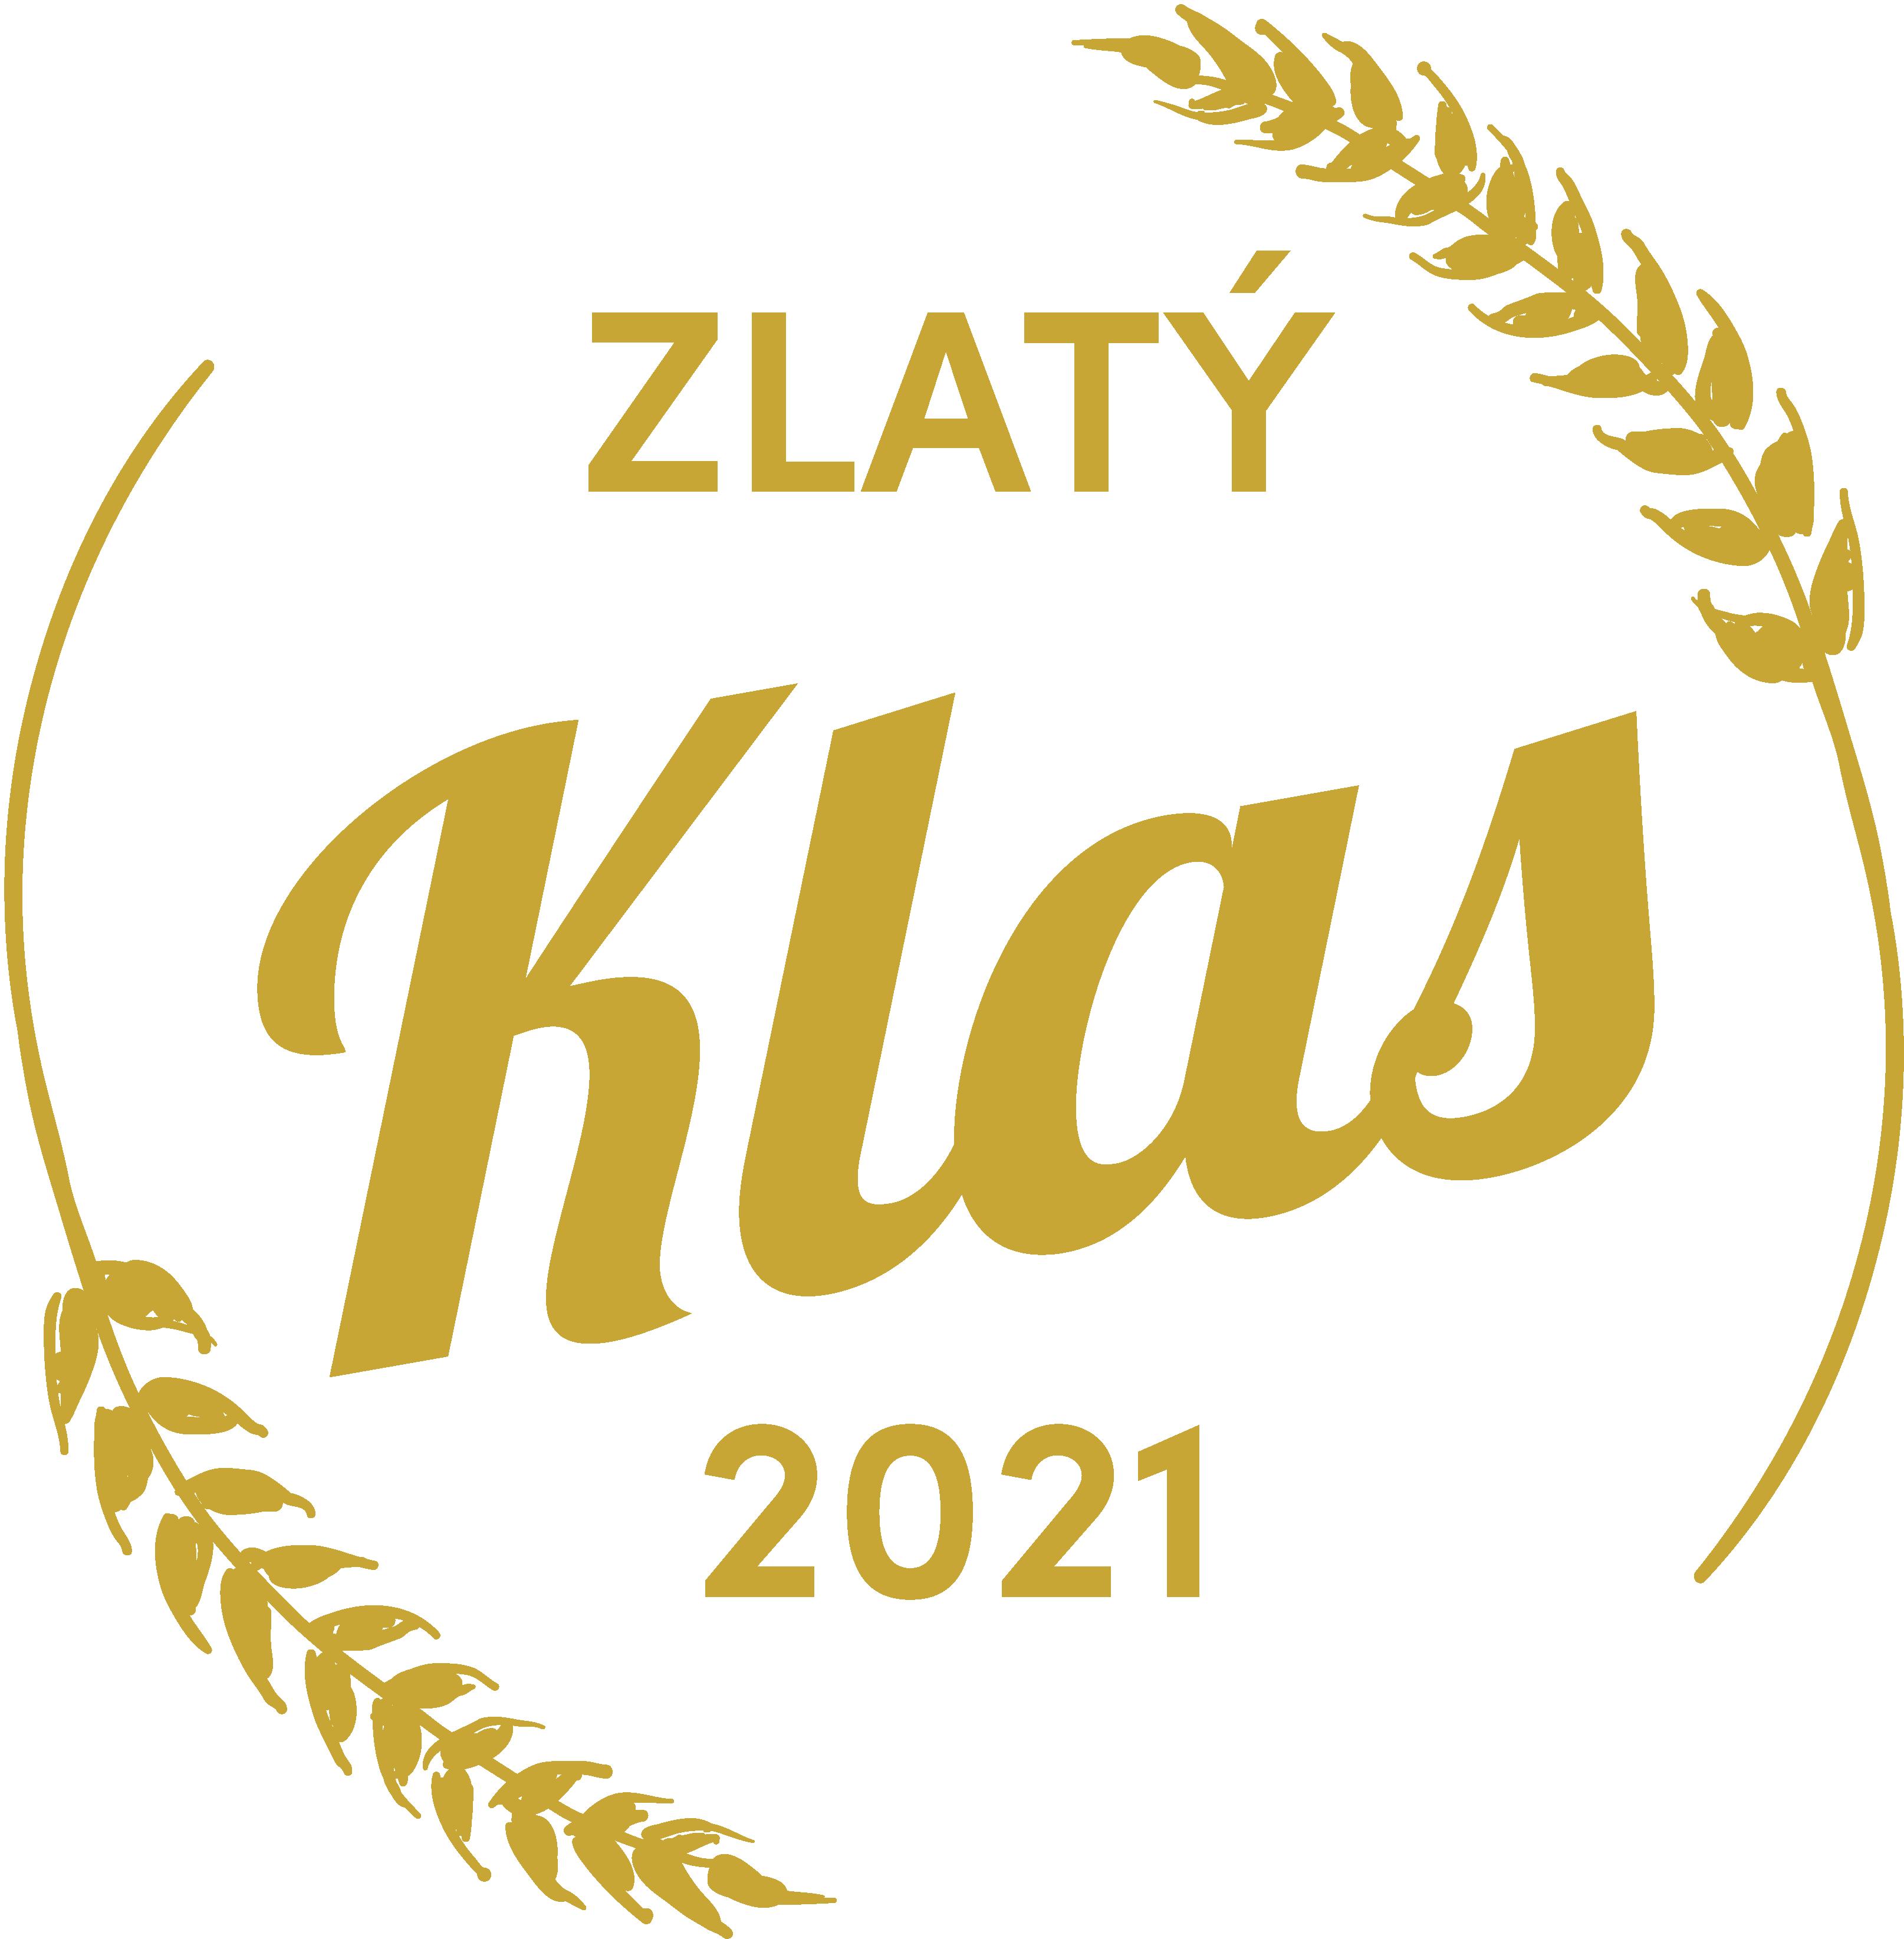 zlaty-klas-2021